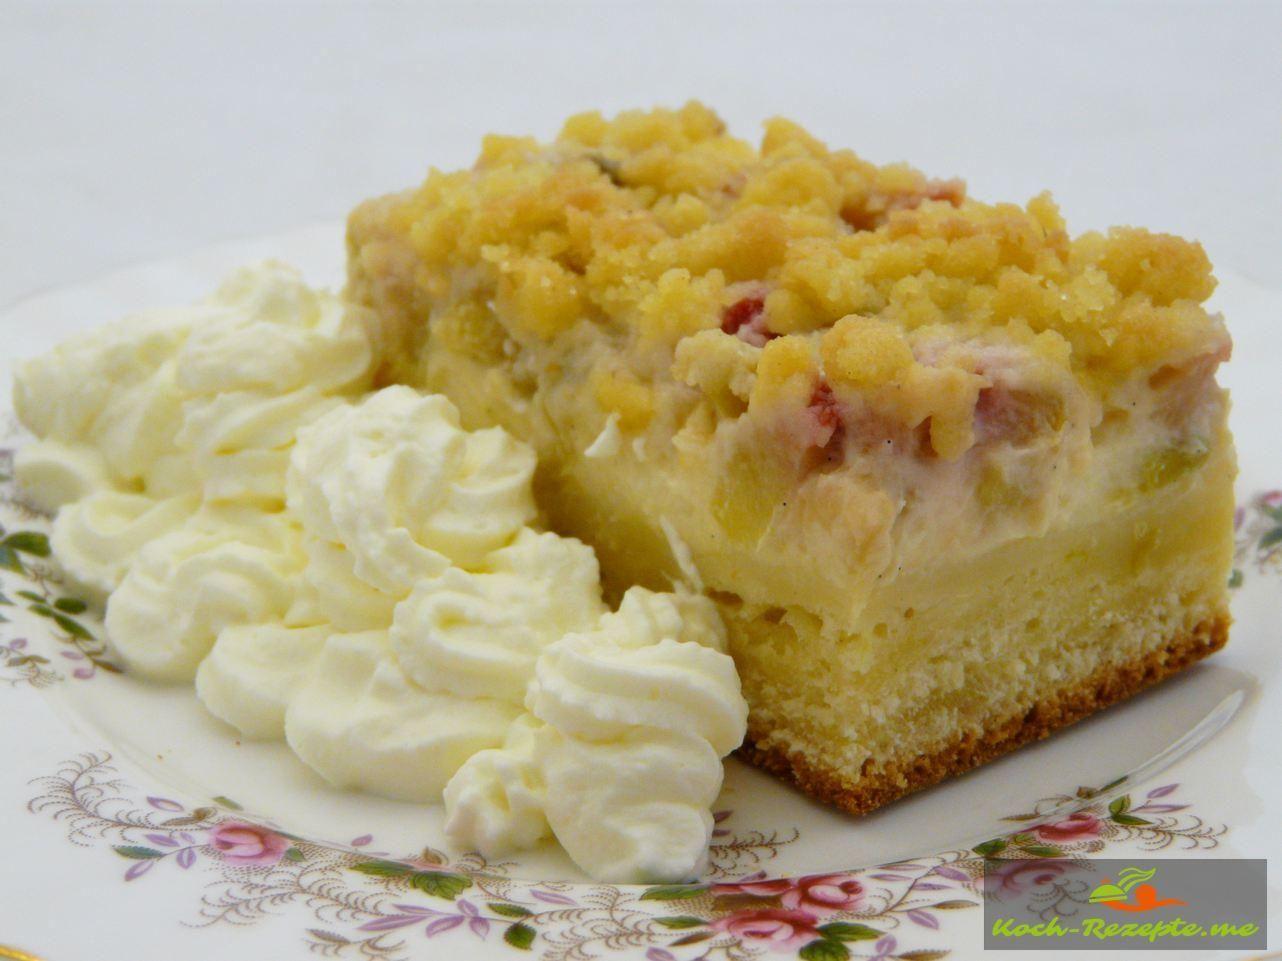 Best 25 rhabarber blechkuchen ideas only on pinterest for Kochen rhabarber